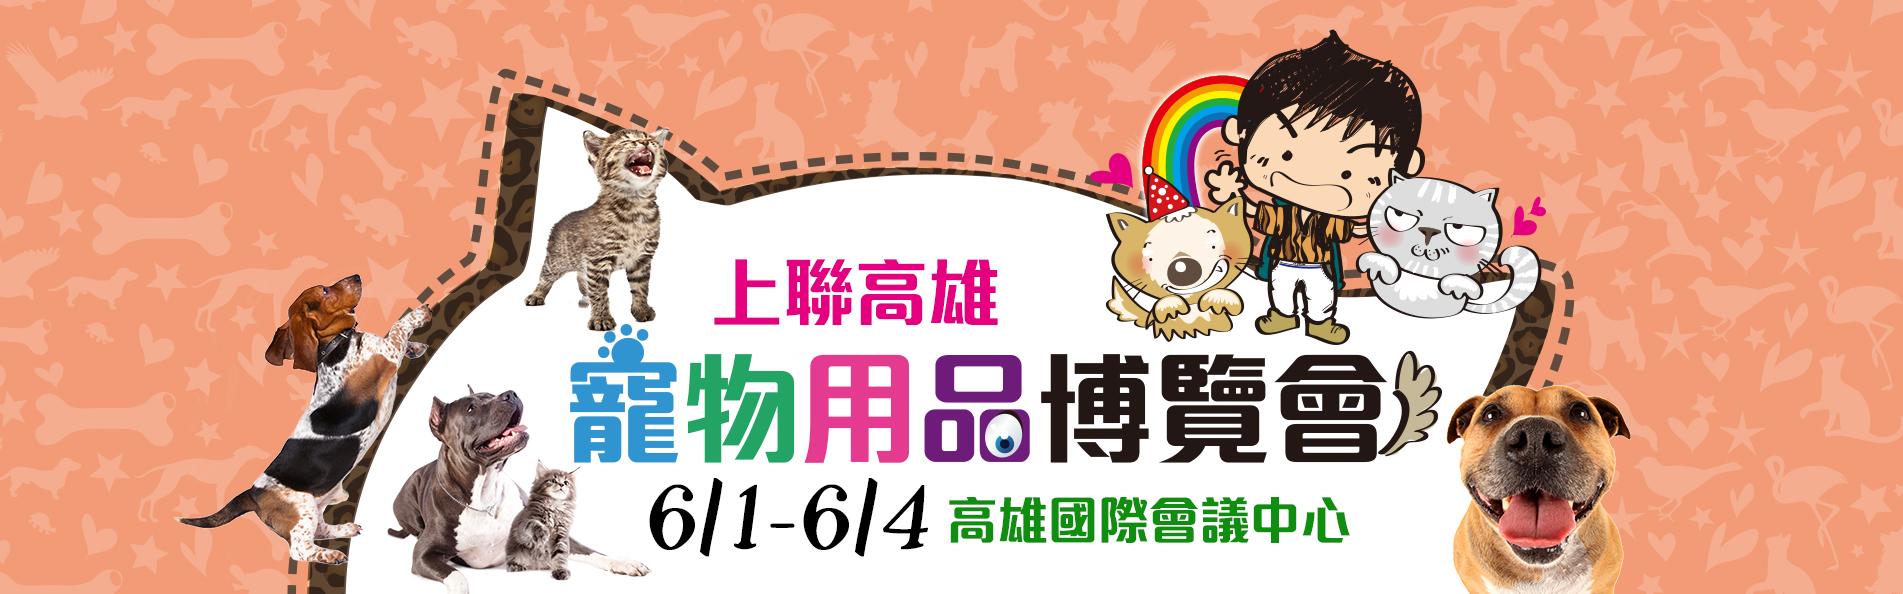 上聯高雄寵物用品博覽會9/15-9/18